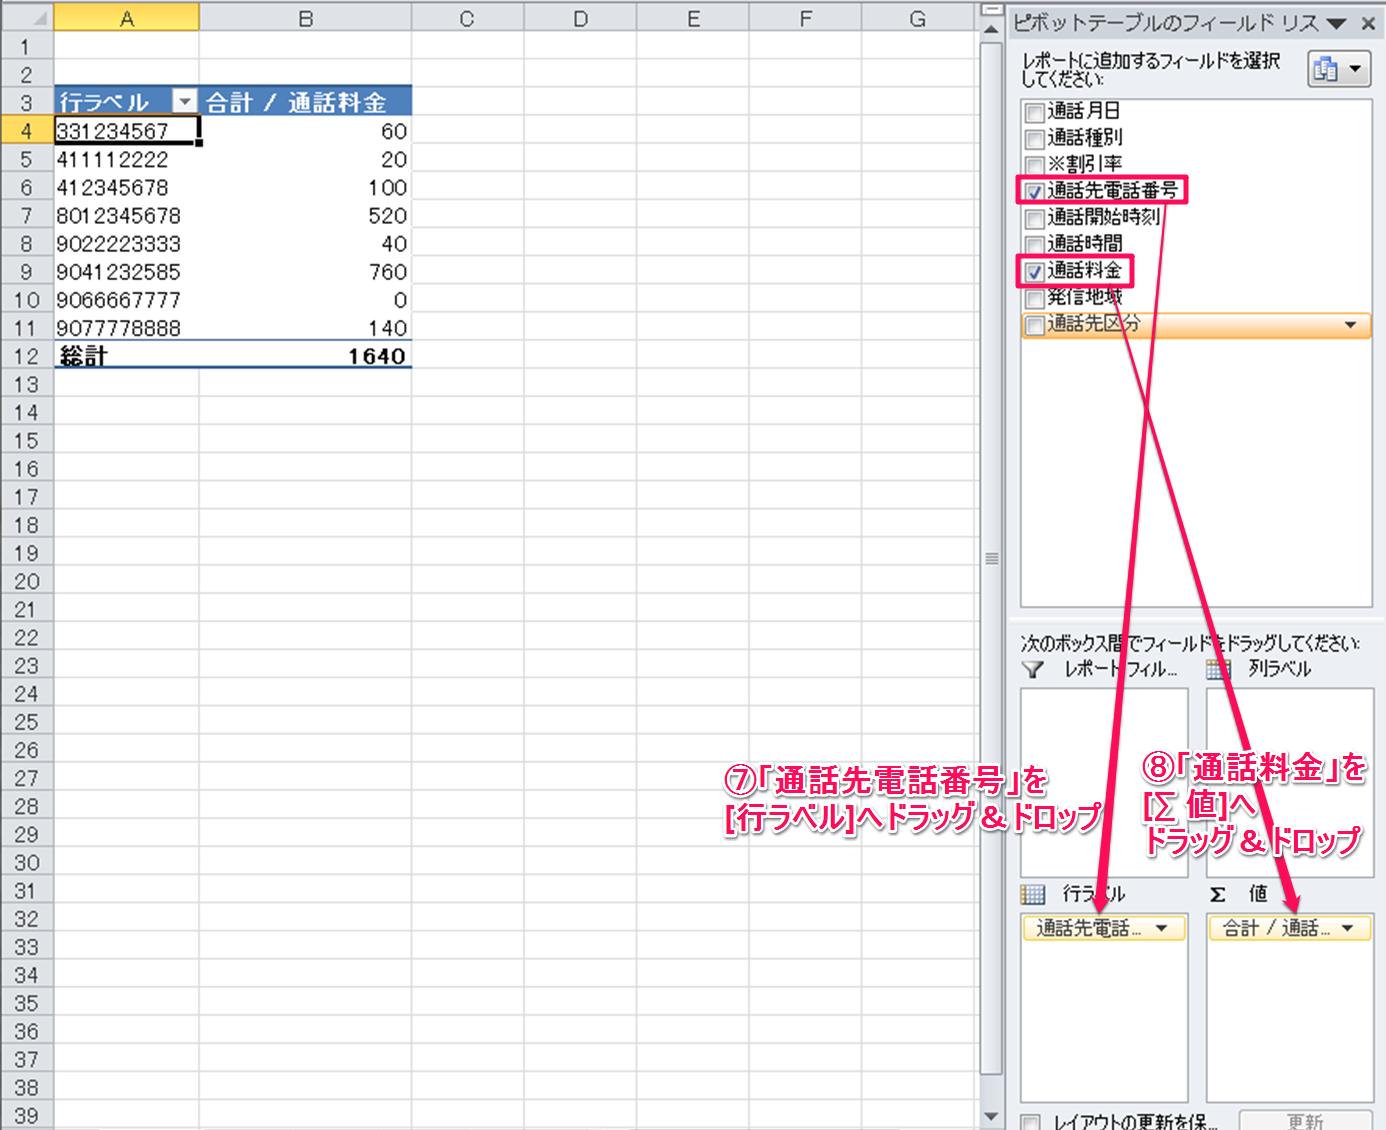 ピボットテーブルで電話番号ごとの通話料金と通話時間を計算する方法(au通話明細を利用)④